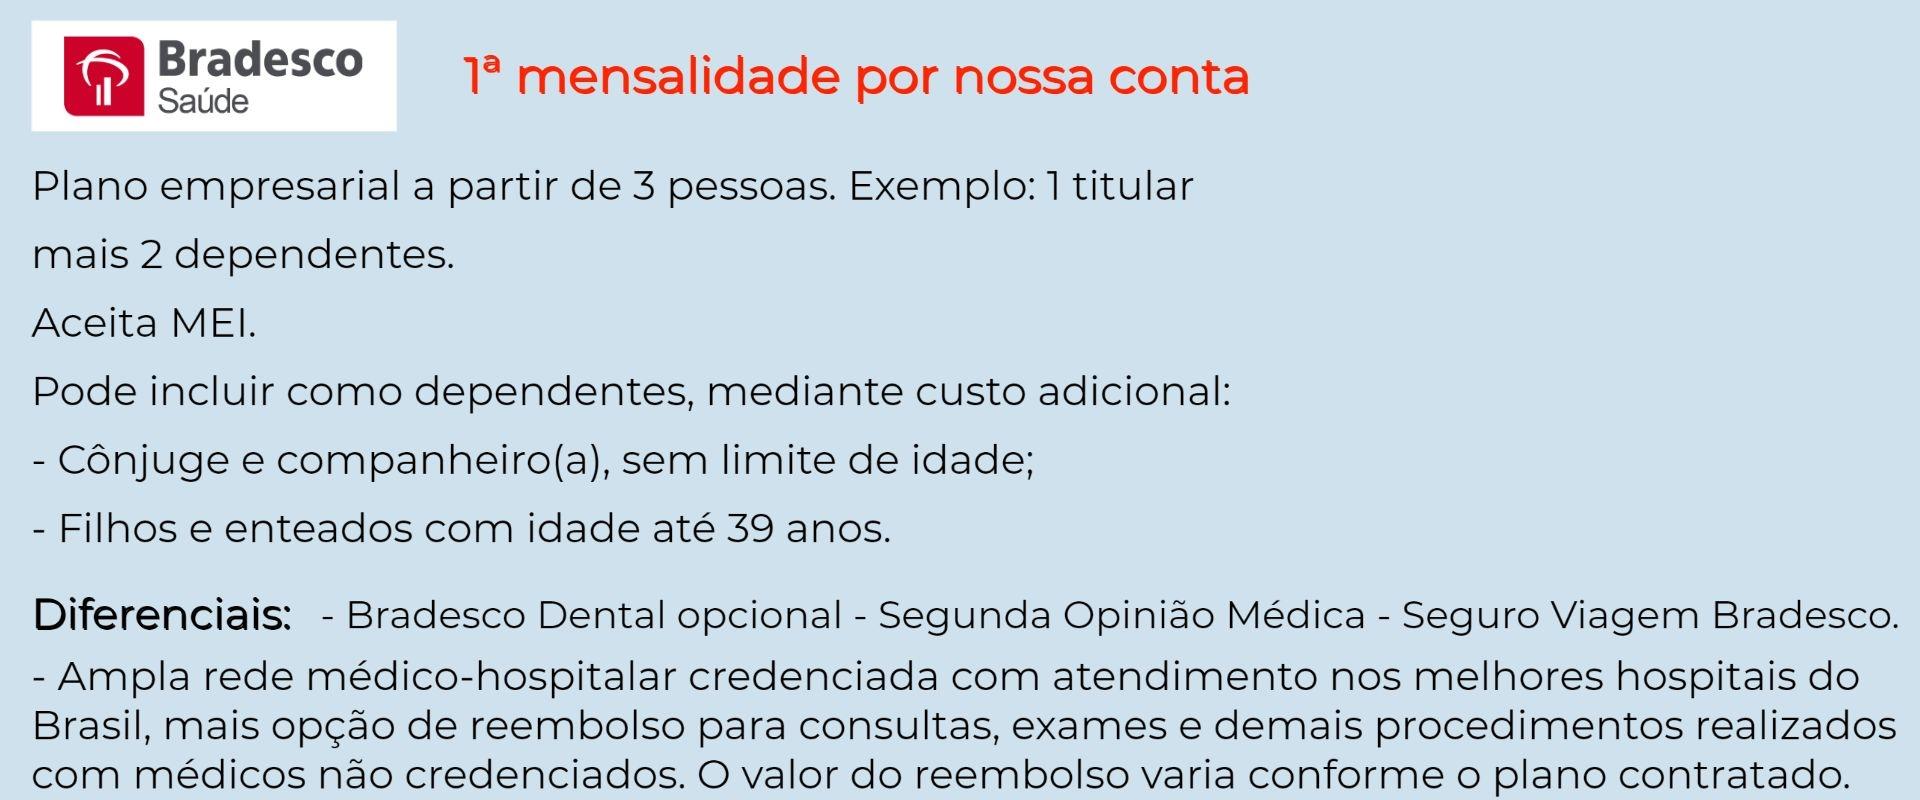 Bradesco Saúde Empresarial - São Pedro da Aldeia